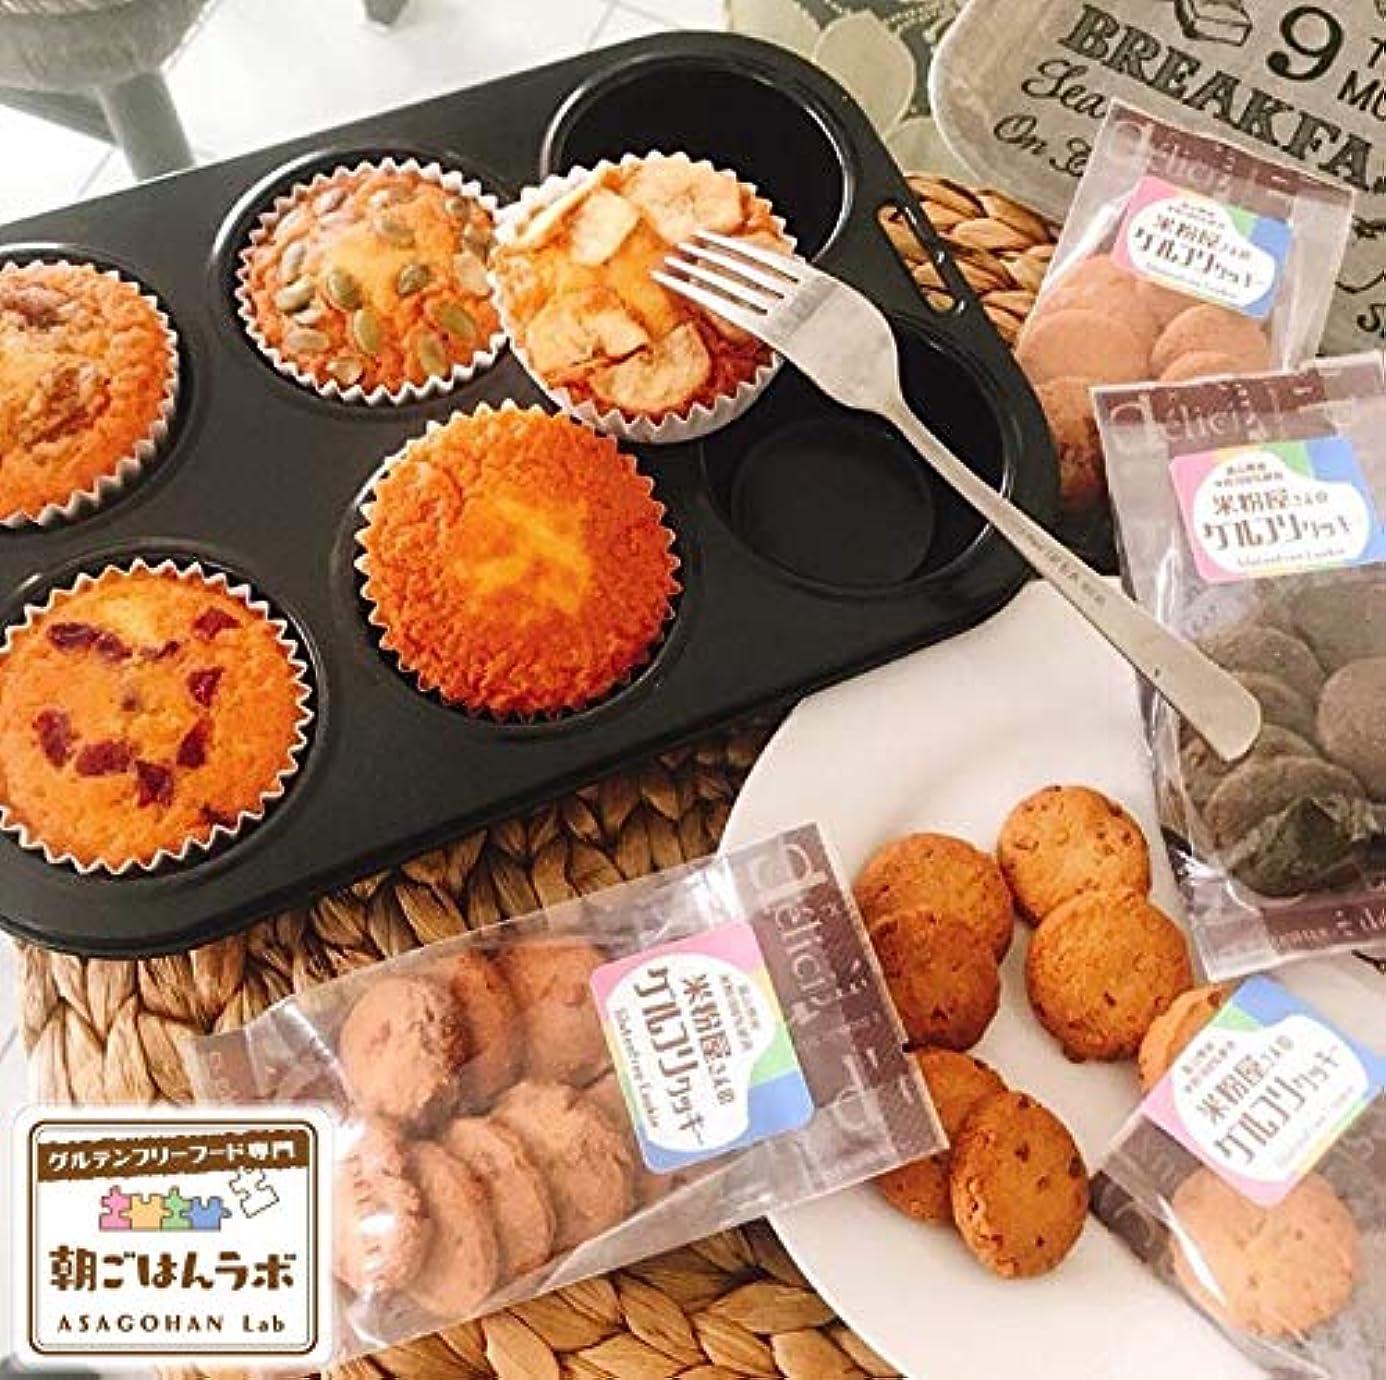 ヤギ上級サイズ米粉屋さんのグルフリクッキー小袋 4袋&グルフリベイク5個 グルテンフリー 朝ごはんラボ